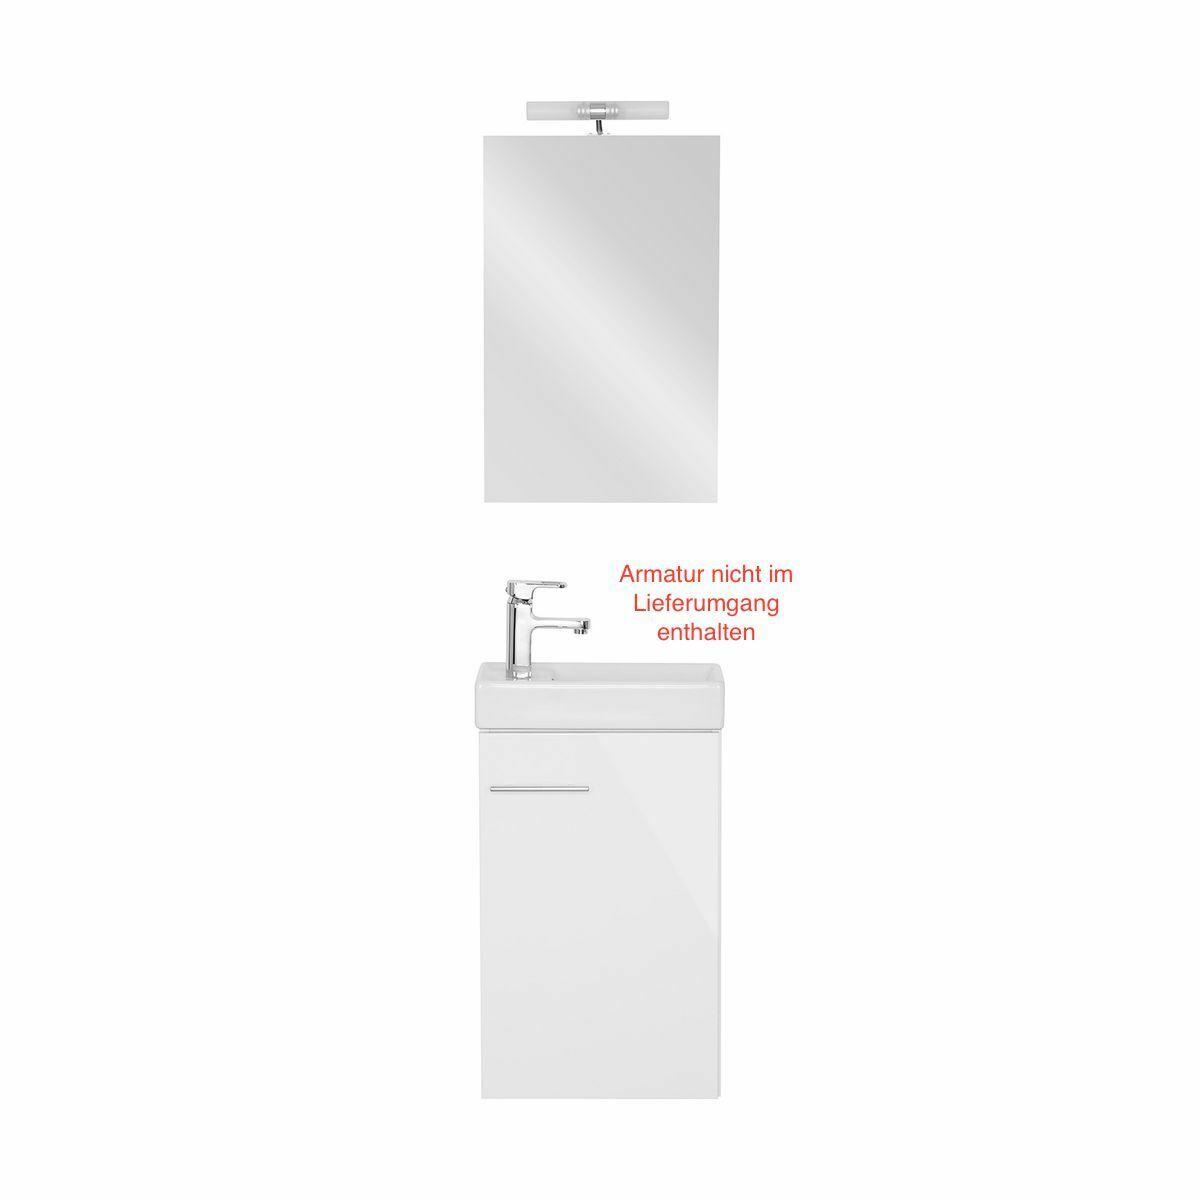 Gäste WC Set Gästebad Badmöbel Waschbecken Waschtisch Spiegel Beleuchtung Weiß